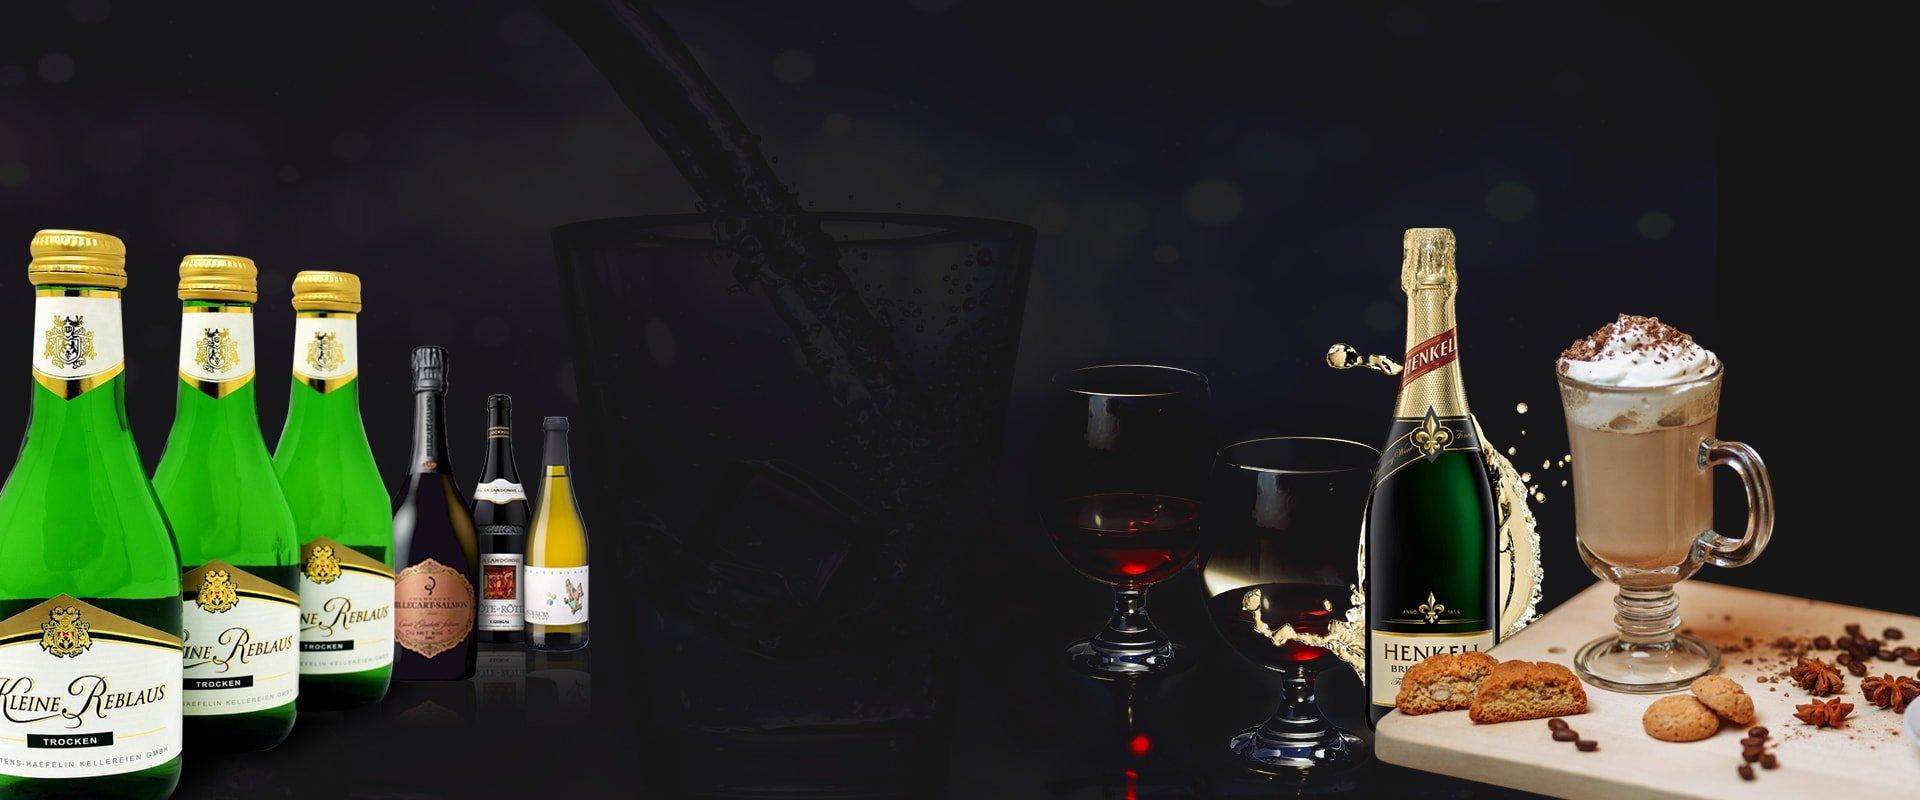 Wines & Champagne at A Tavola Bar & Grill in Hong Kong